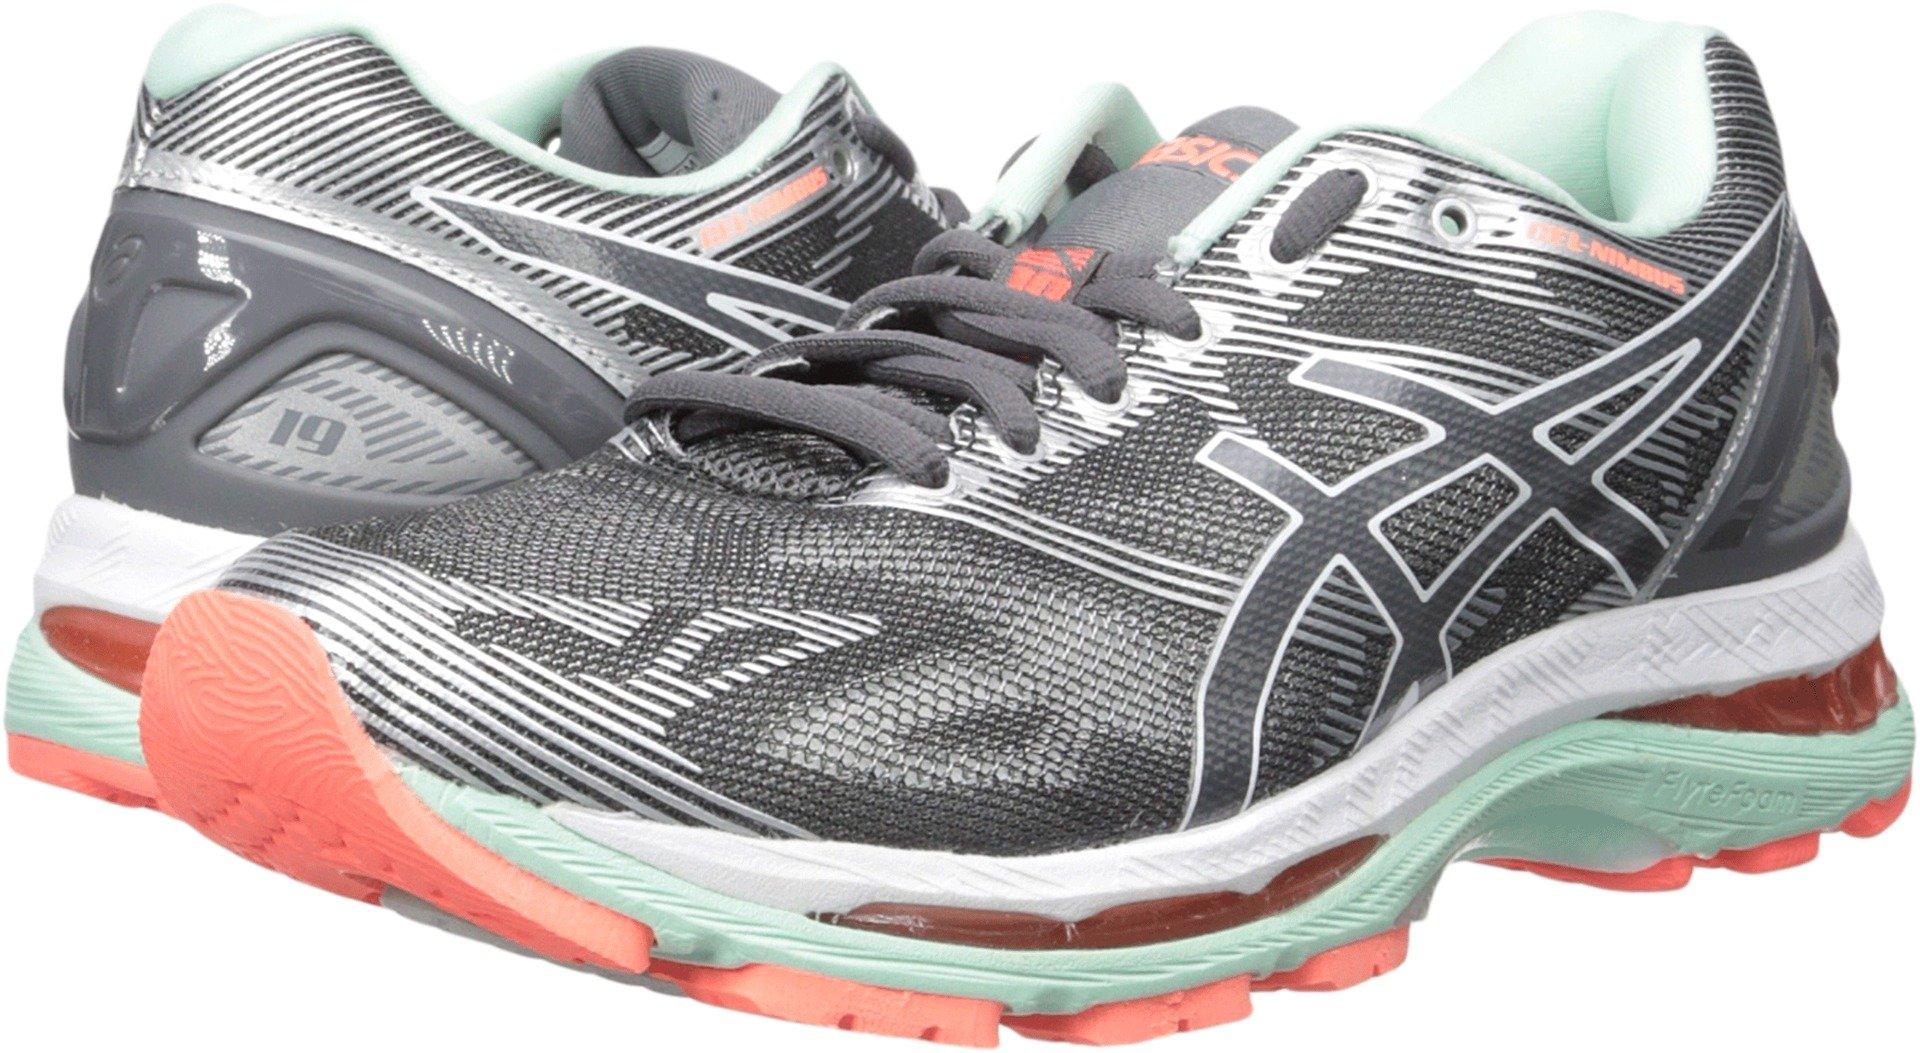 ASICS Women's Gel-Nimbus 19 Running Shoe, Carbon/White/Flash Coral, 8.5 M US